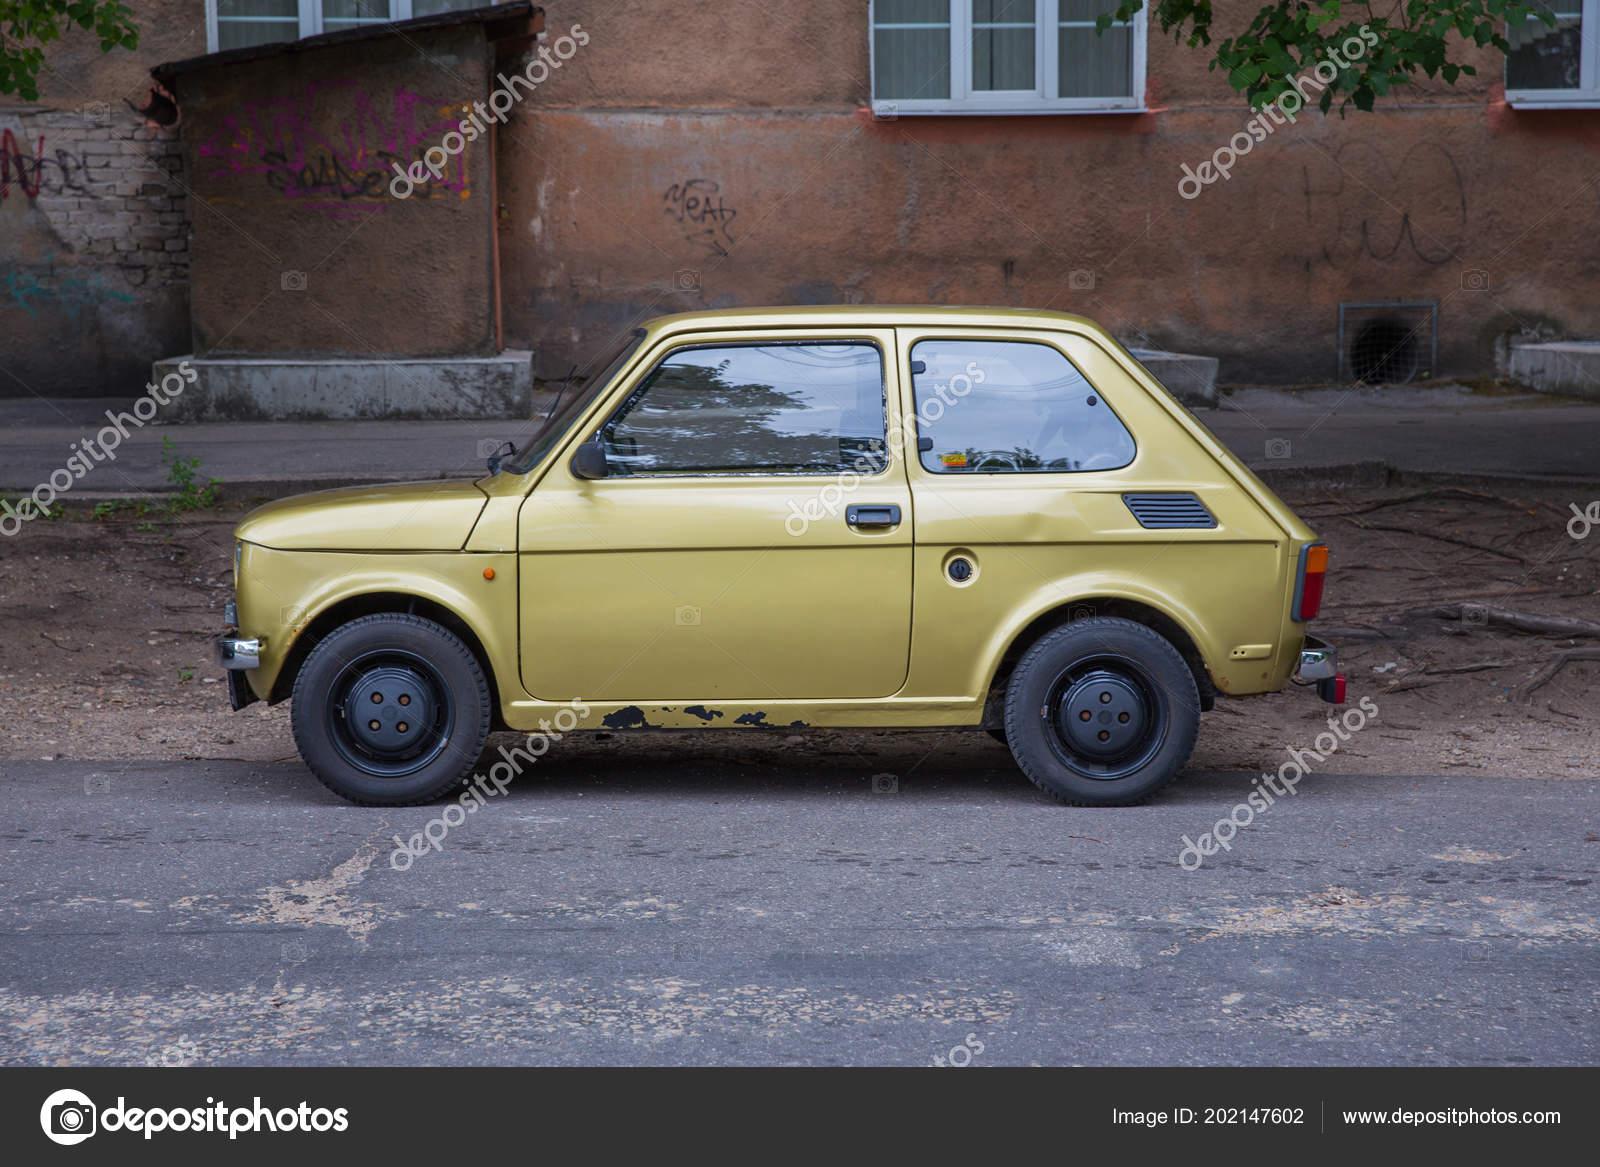 d17807a0d317 Město Riga Lotyšsko Retro Fiat 126 Ulici Zlaté Barvy Městském — Stock  fotografie